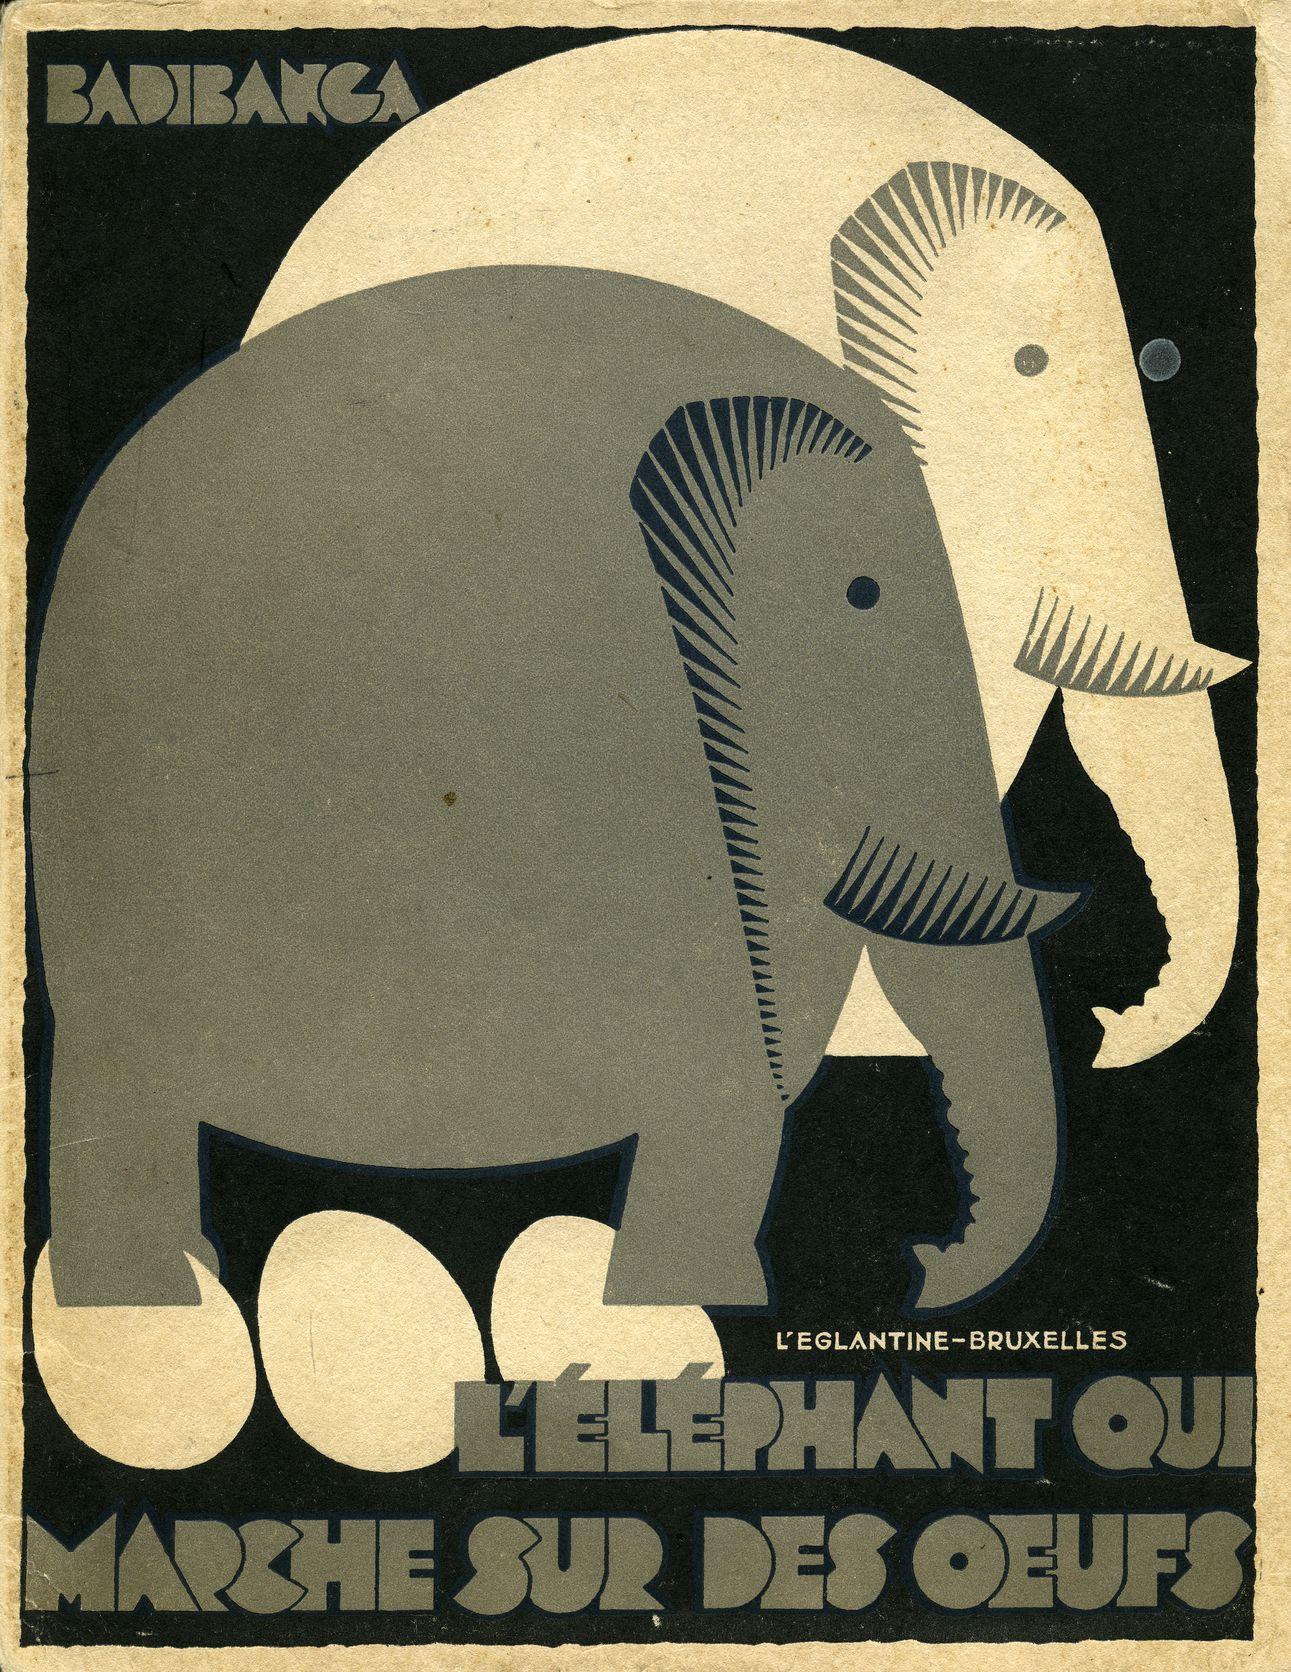 On Marche Sur Des Oeuf : marche, L'éléphant, Marche, Oeufs